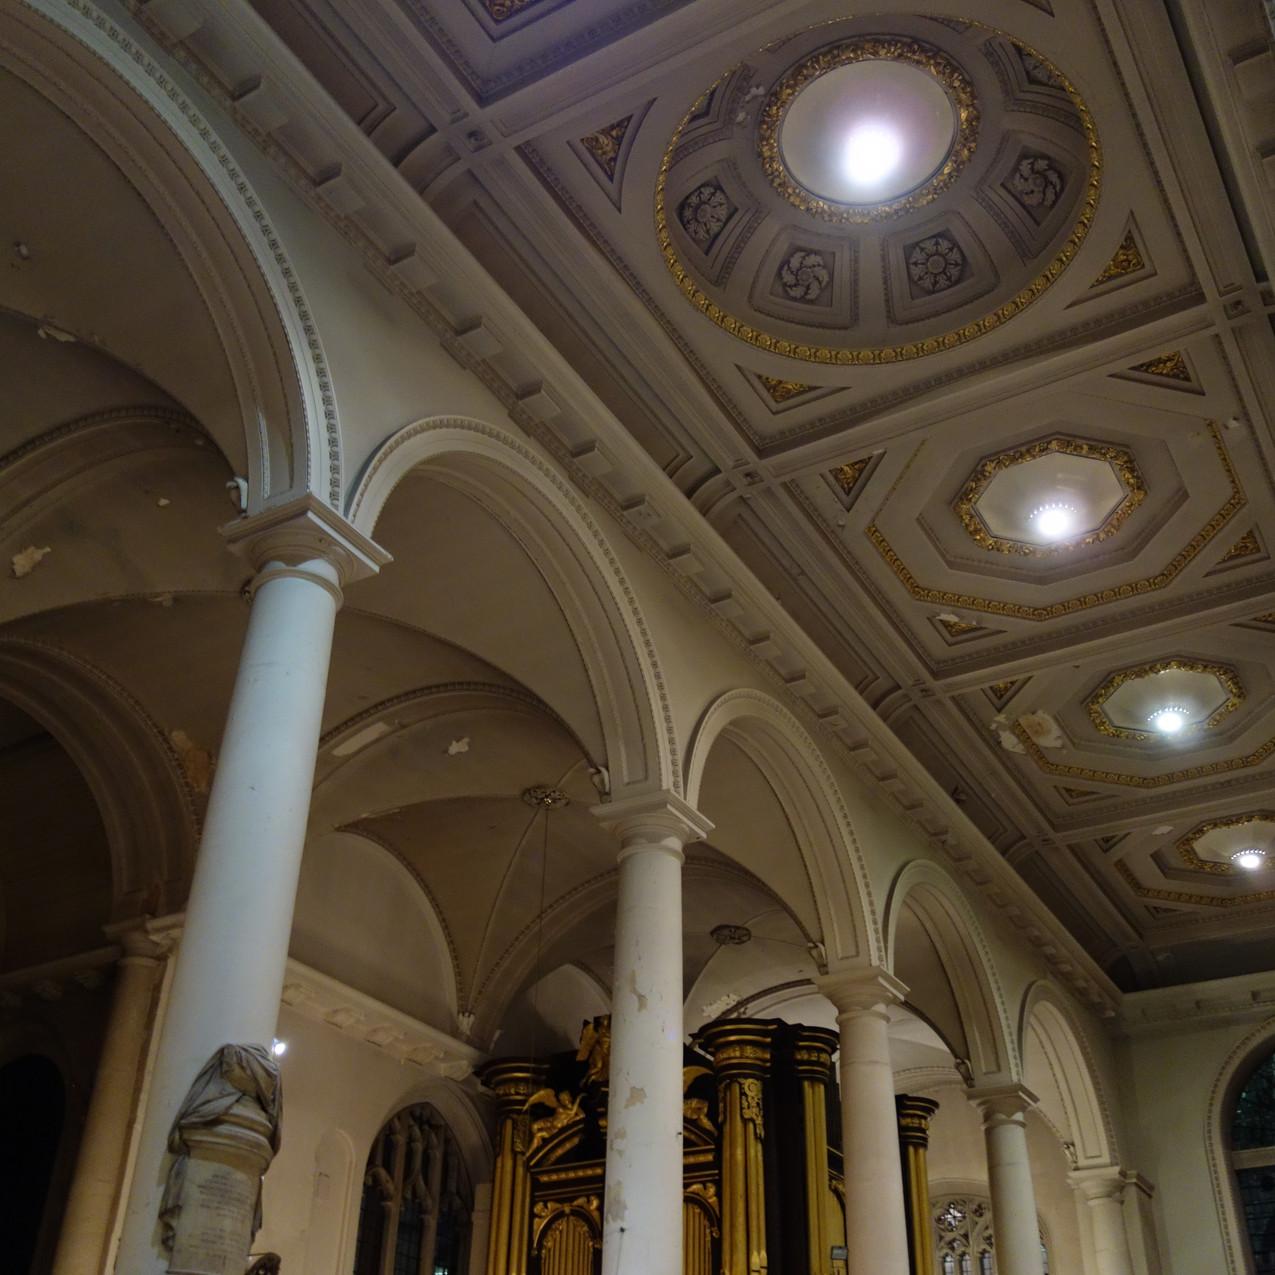 St Sepulchres